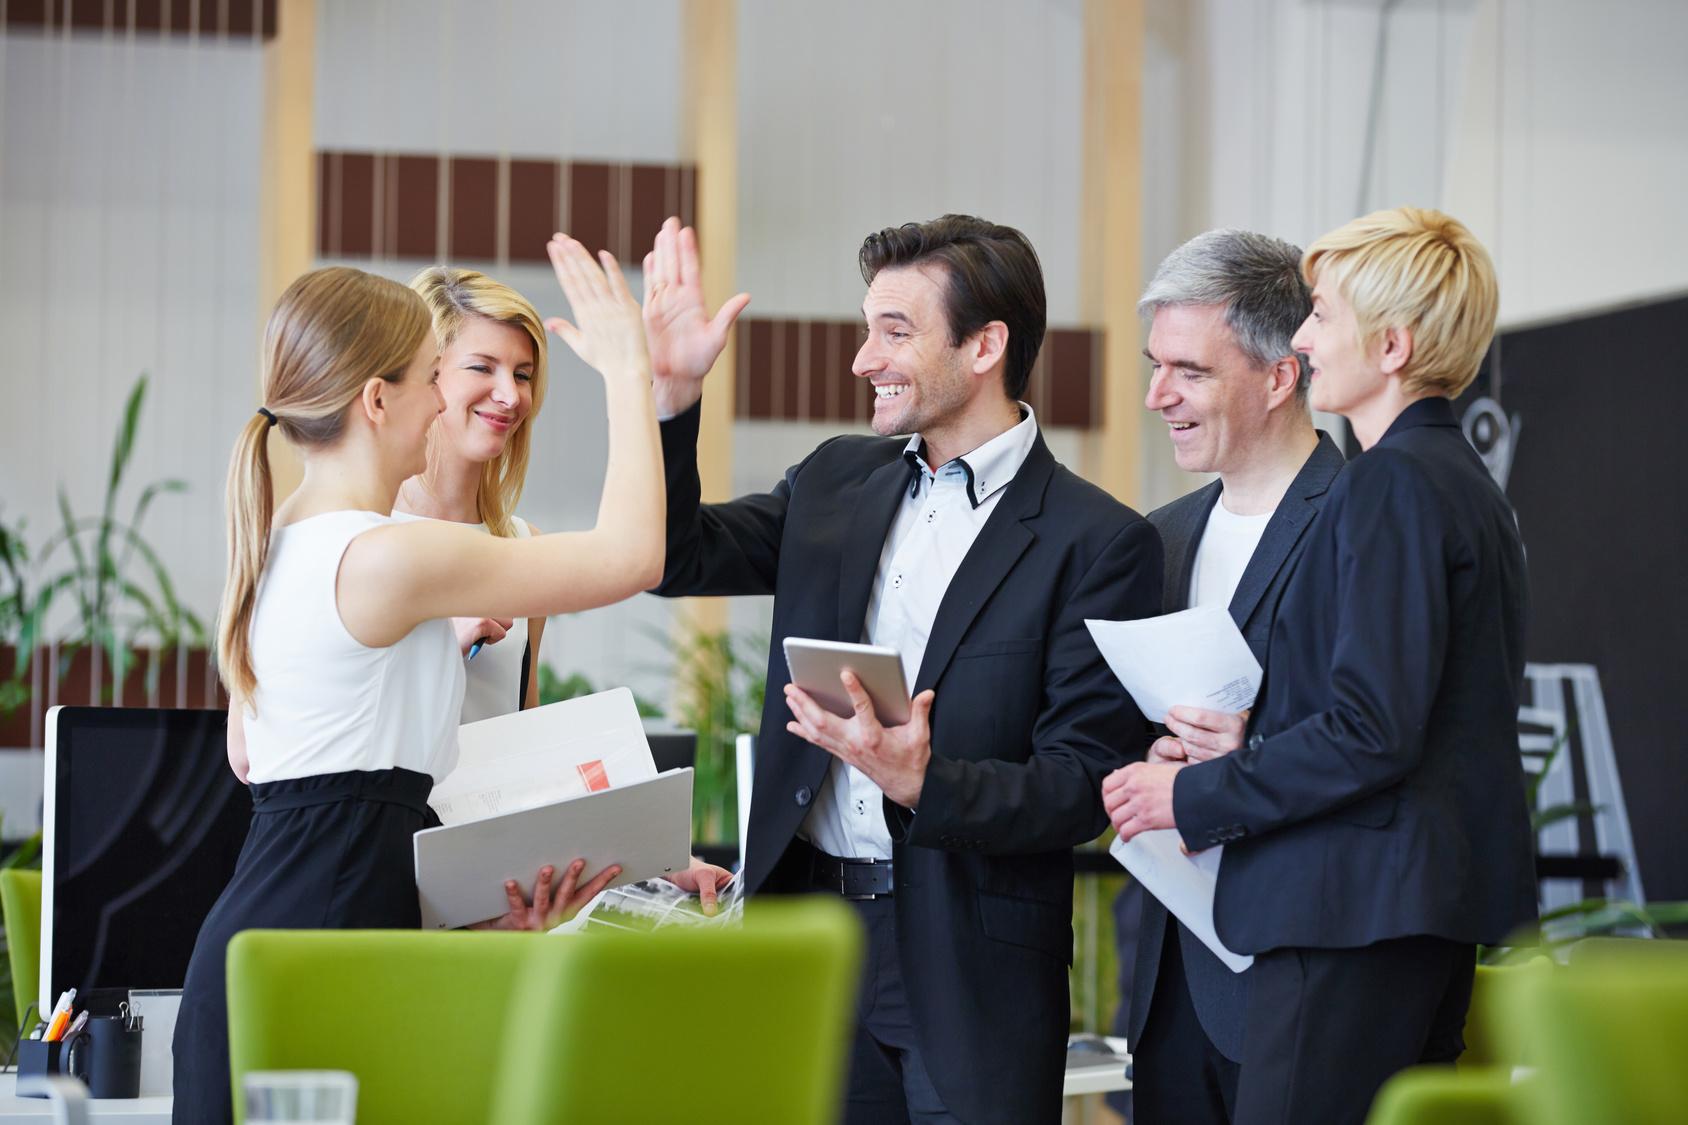 Erfolgreiche Geschäftsleute geben sich lachend High Five im Büro